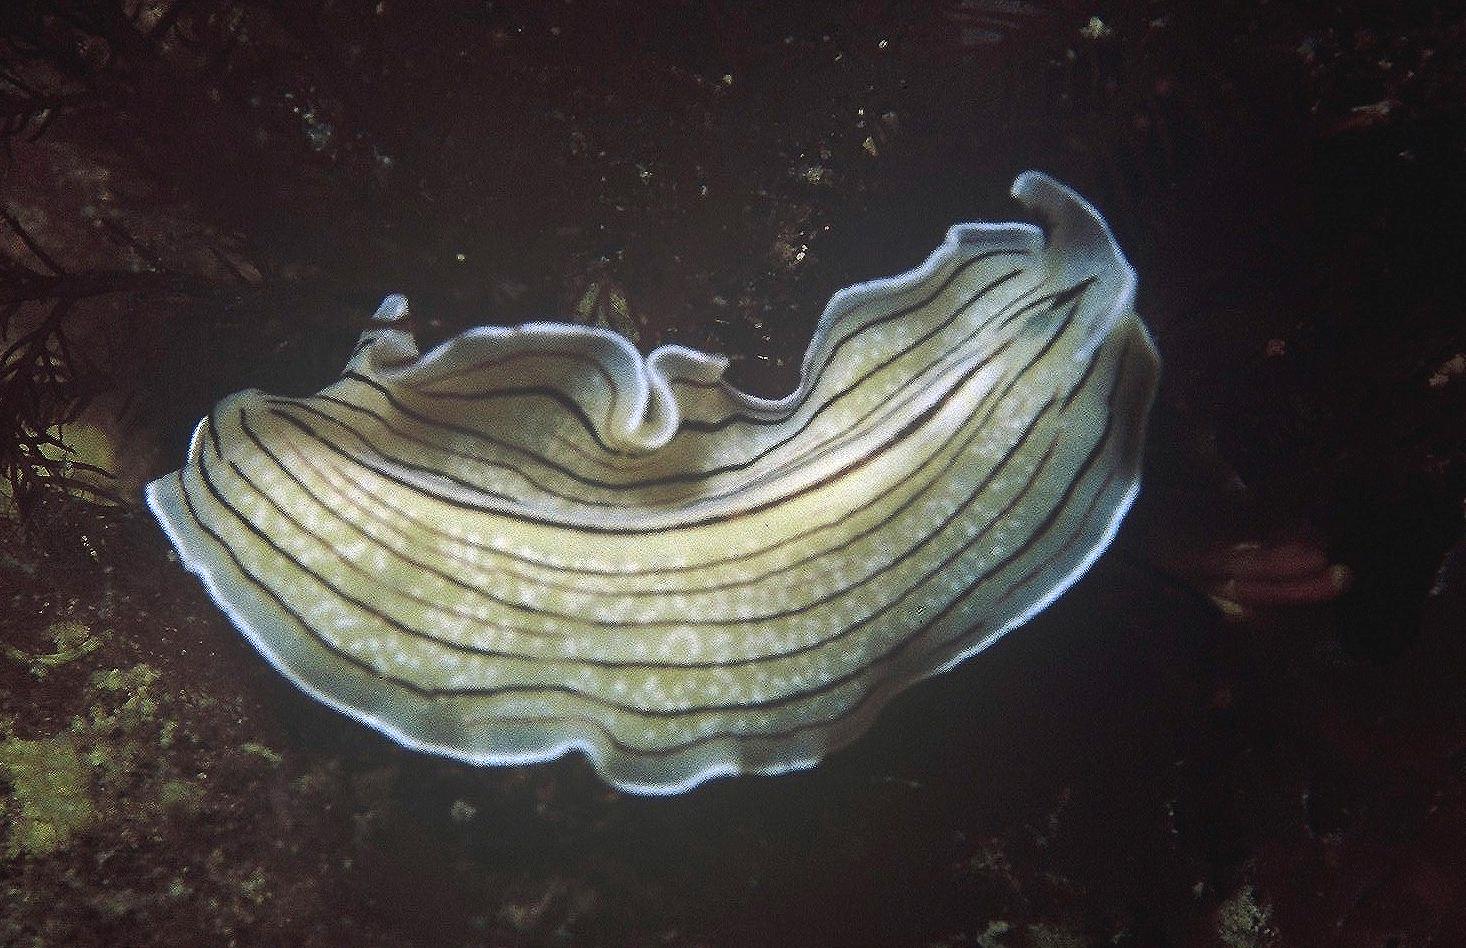 Prostheceraeus vittatus (Montagu, 1815)